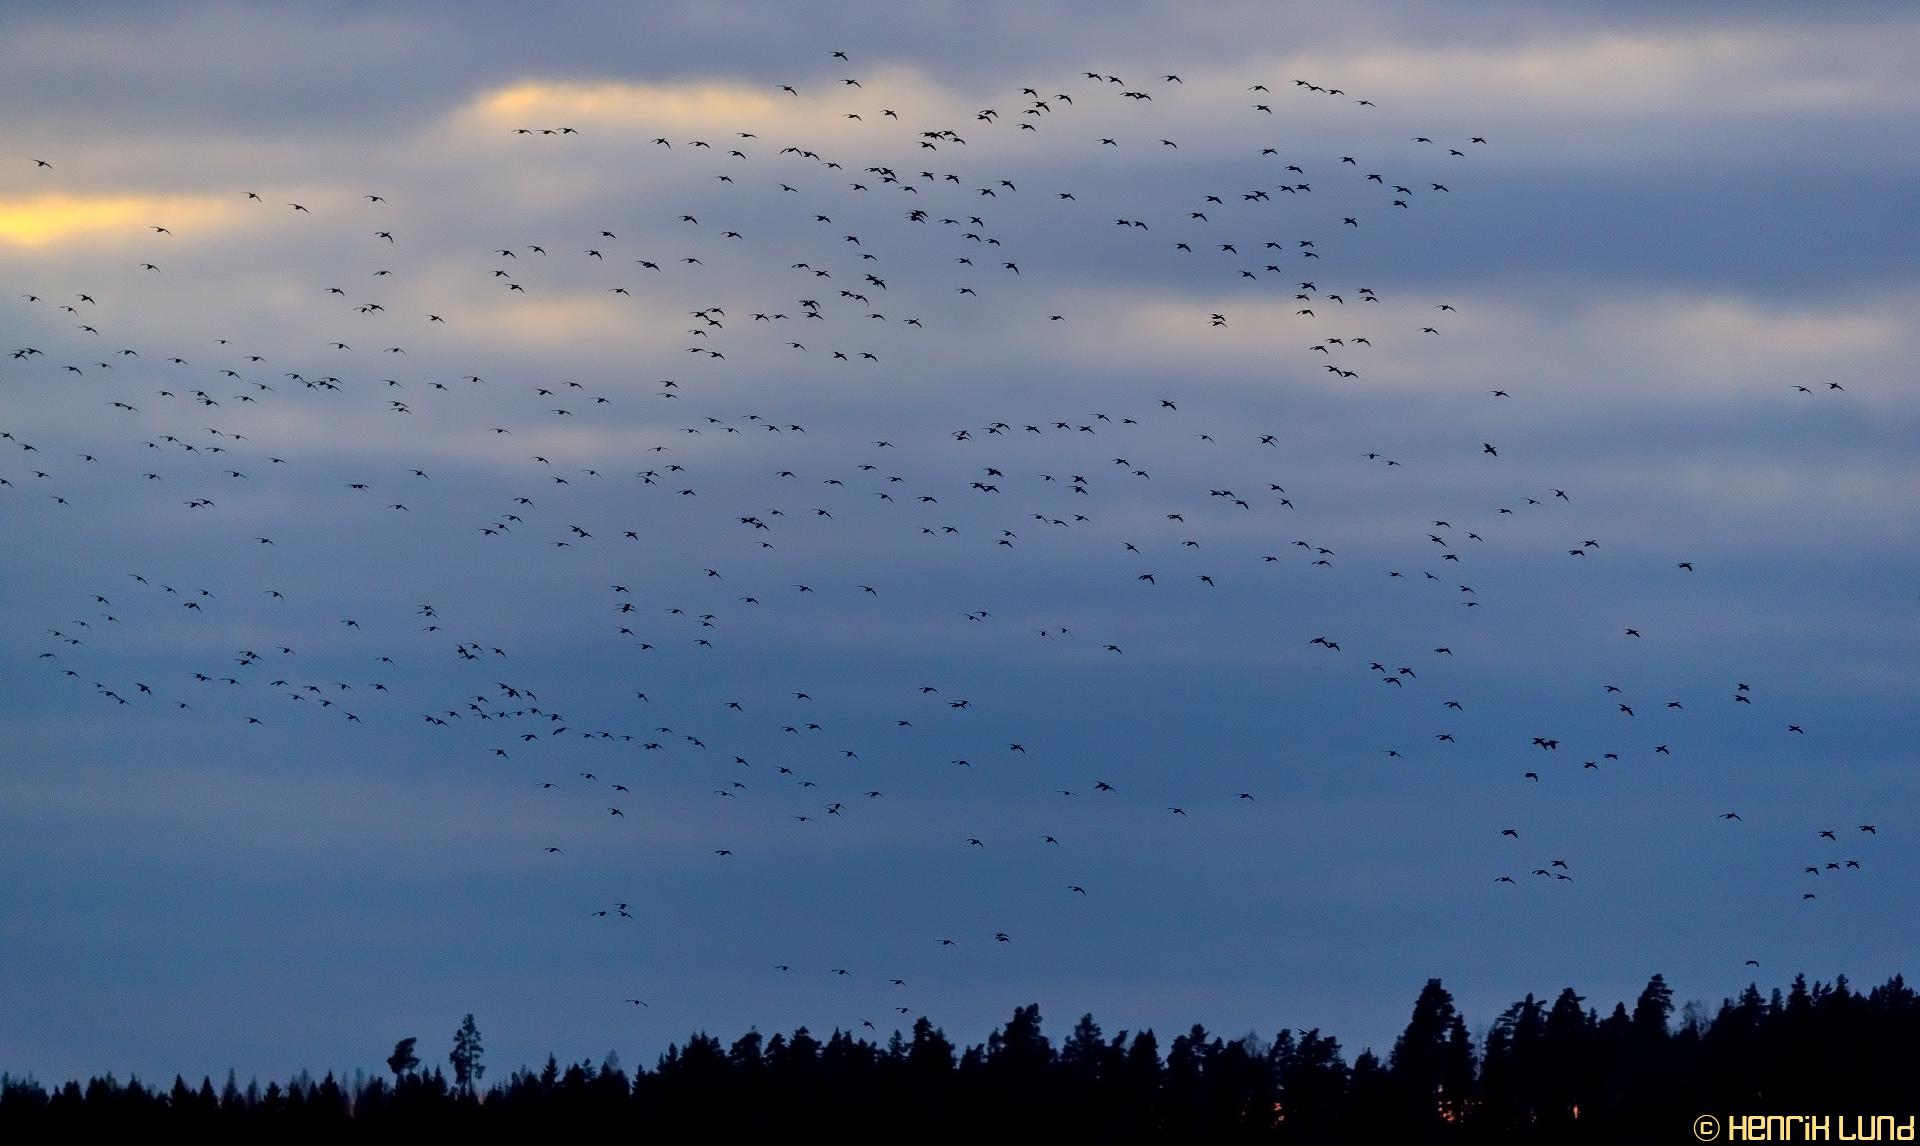 Migrating geese landing at lake Lapinjärvi, Finland. October 2016.